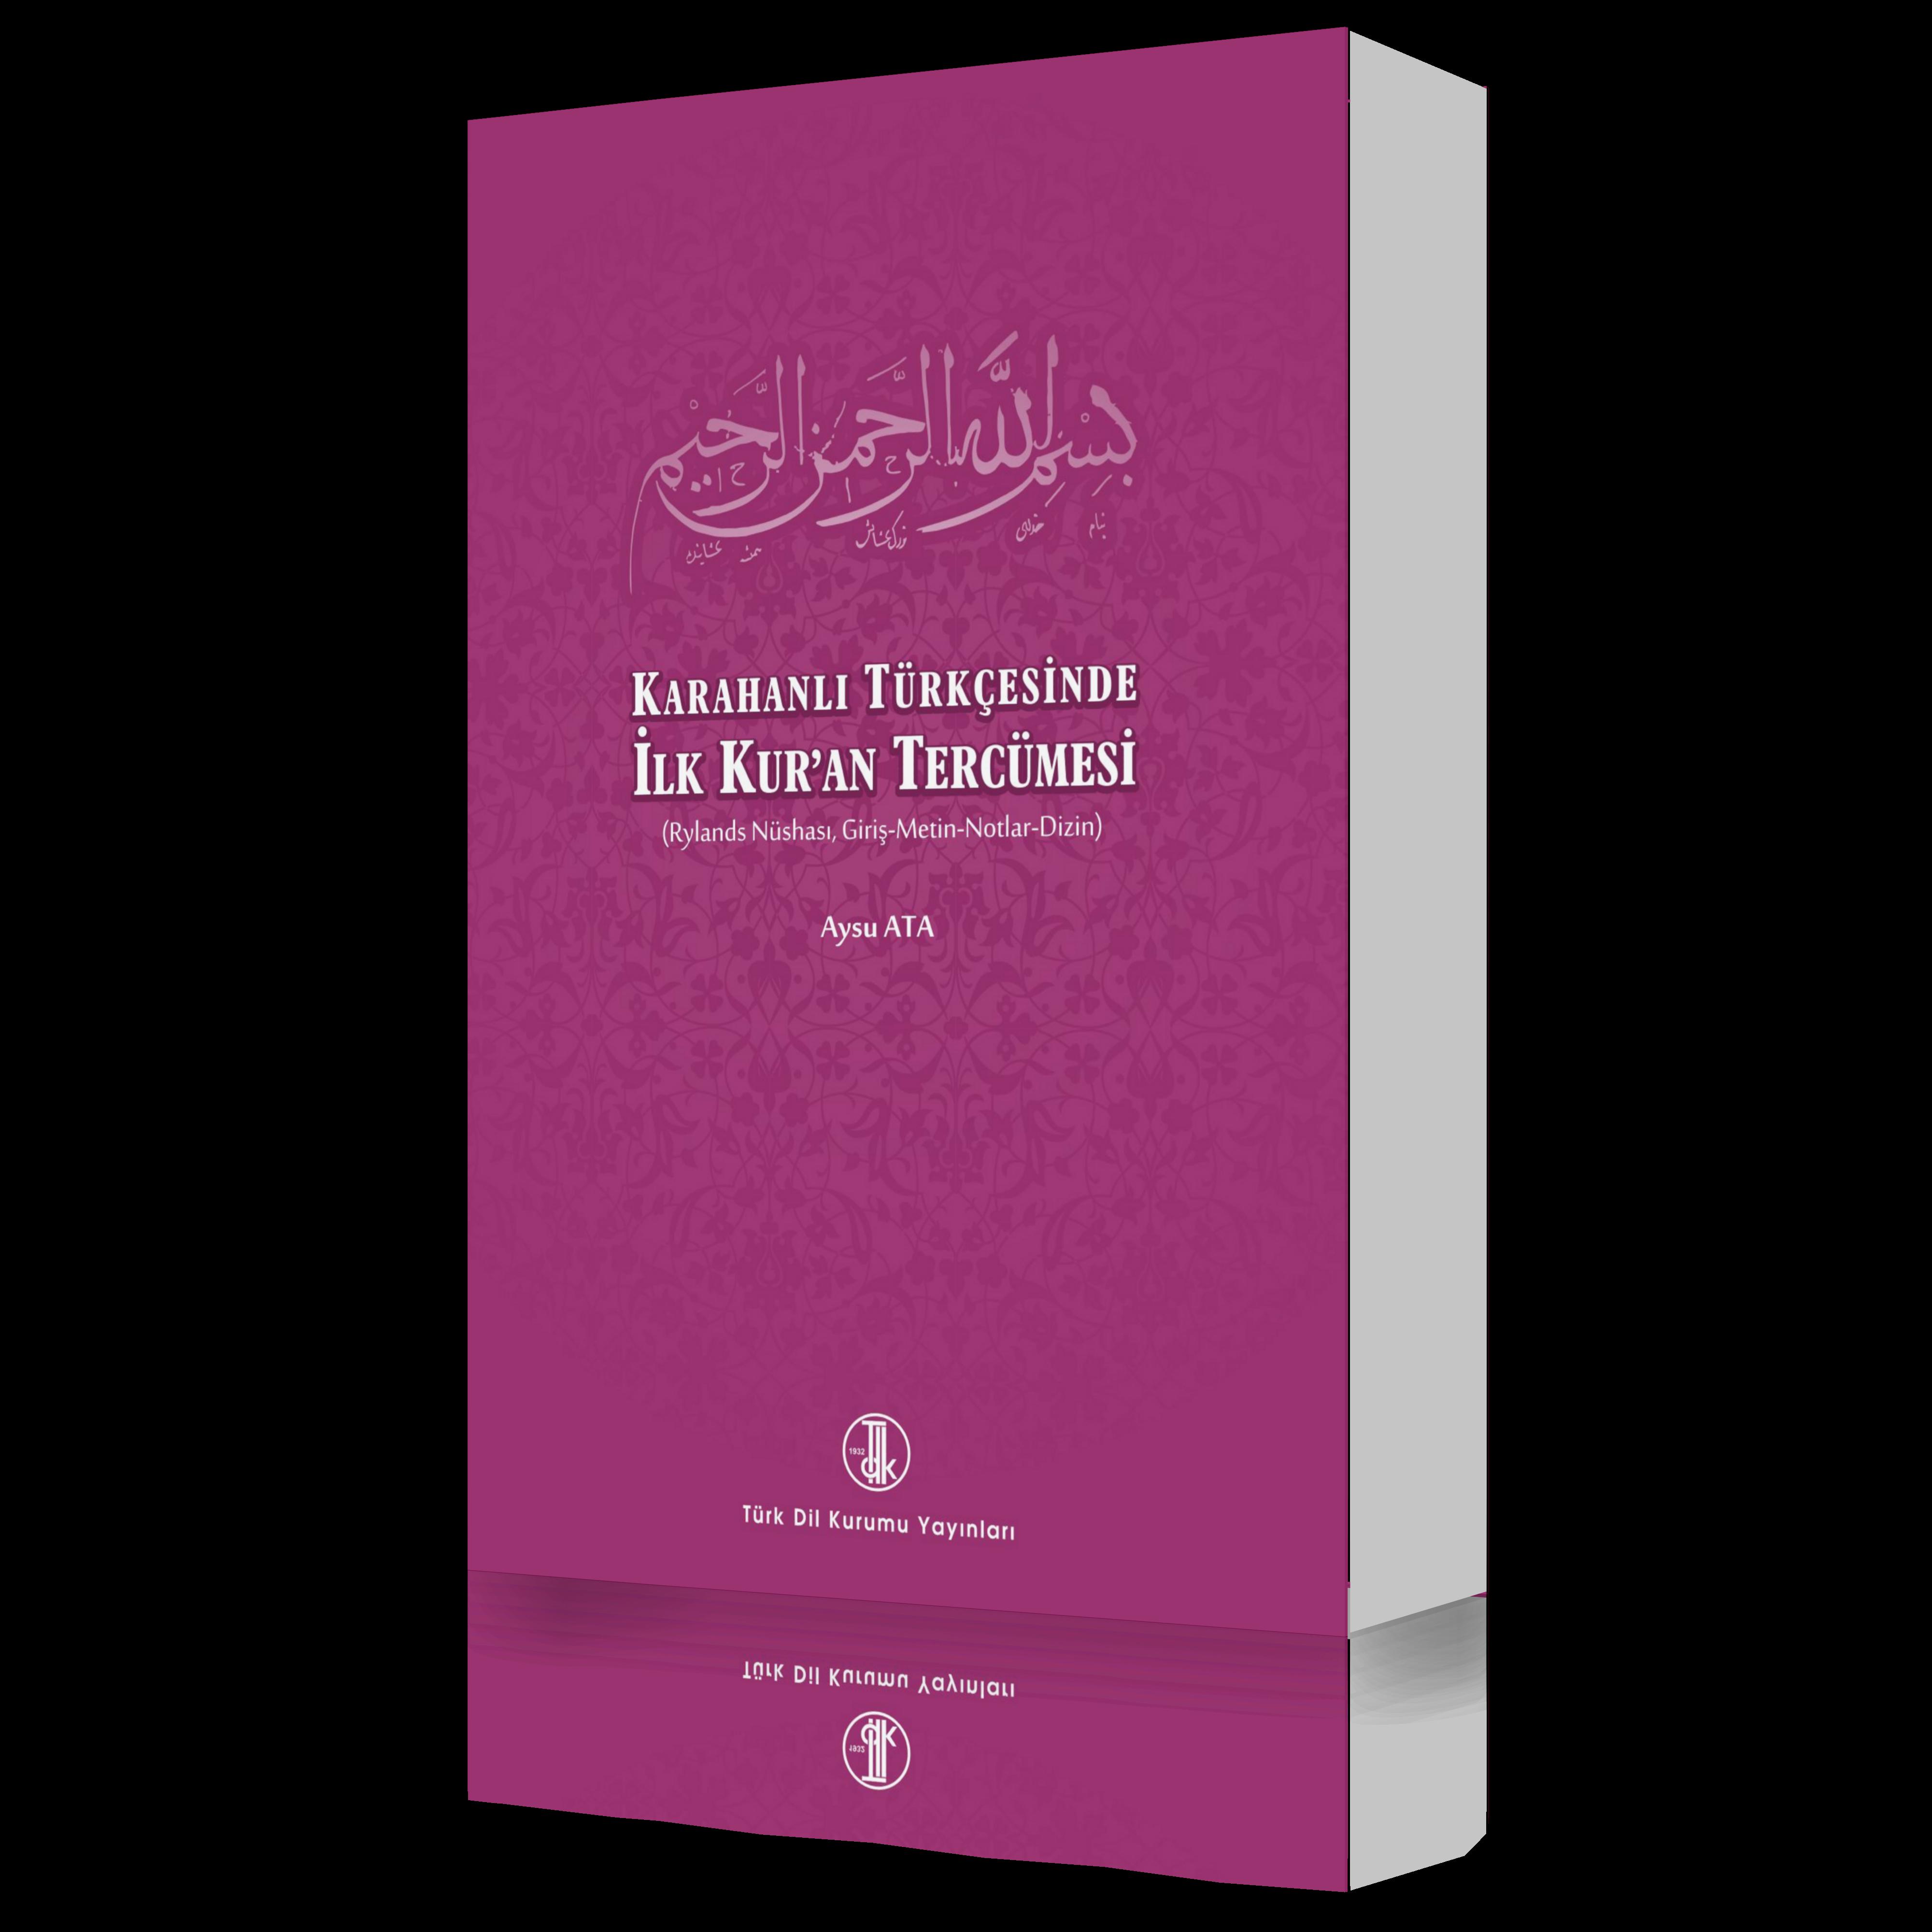 Karahanlı Türkçesinde İlk Kur'an Tercümesi, 2019